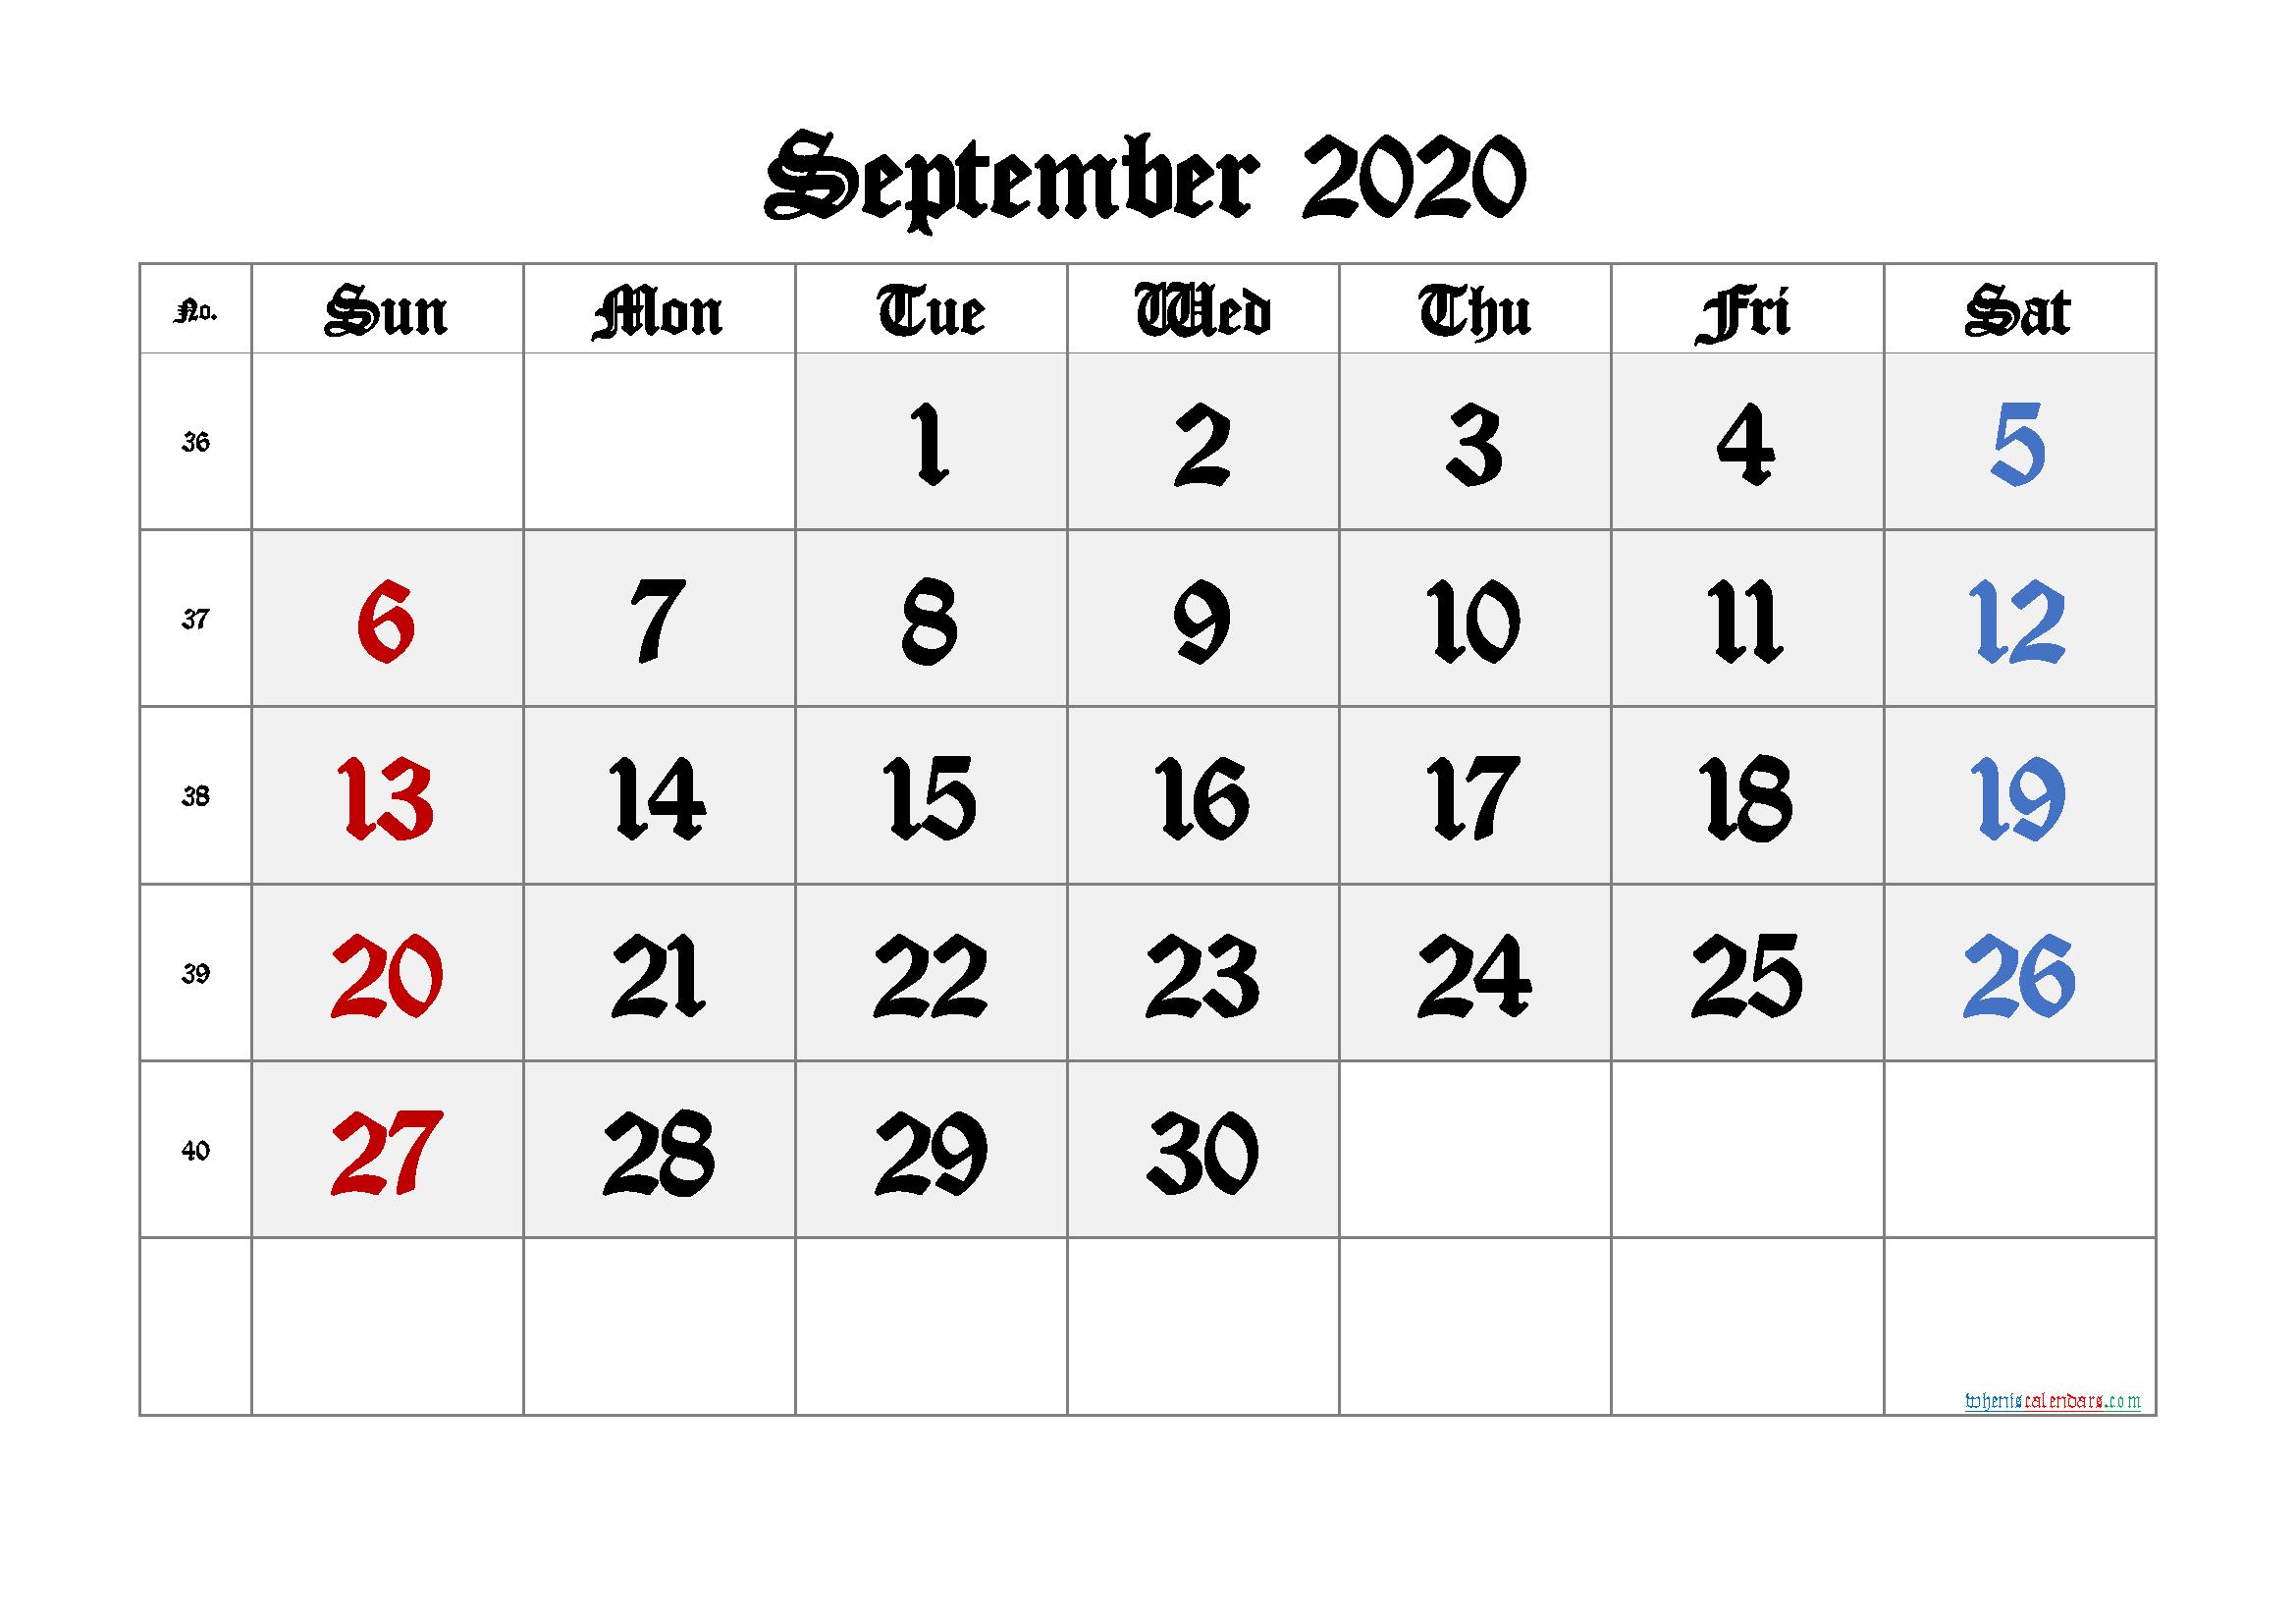 Printable September 2020 Calendar with Week Numbers